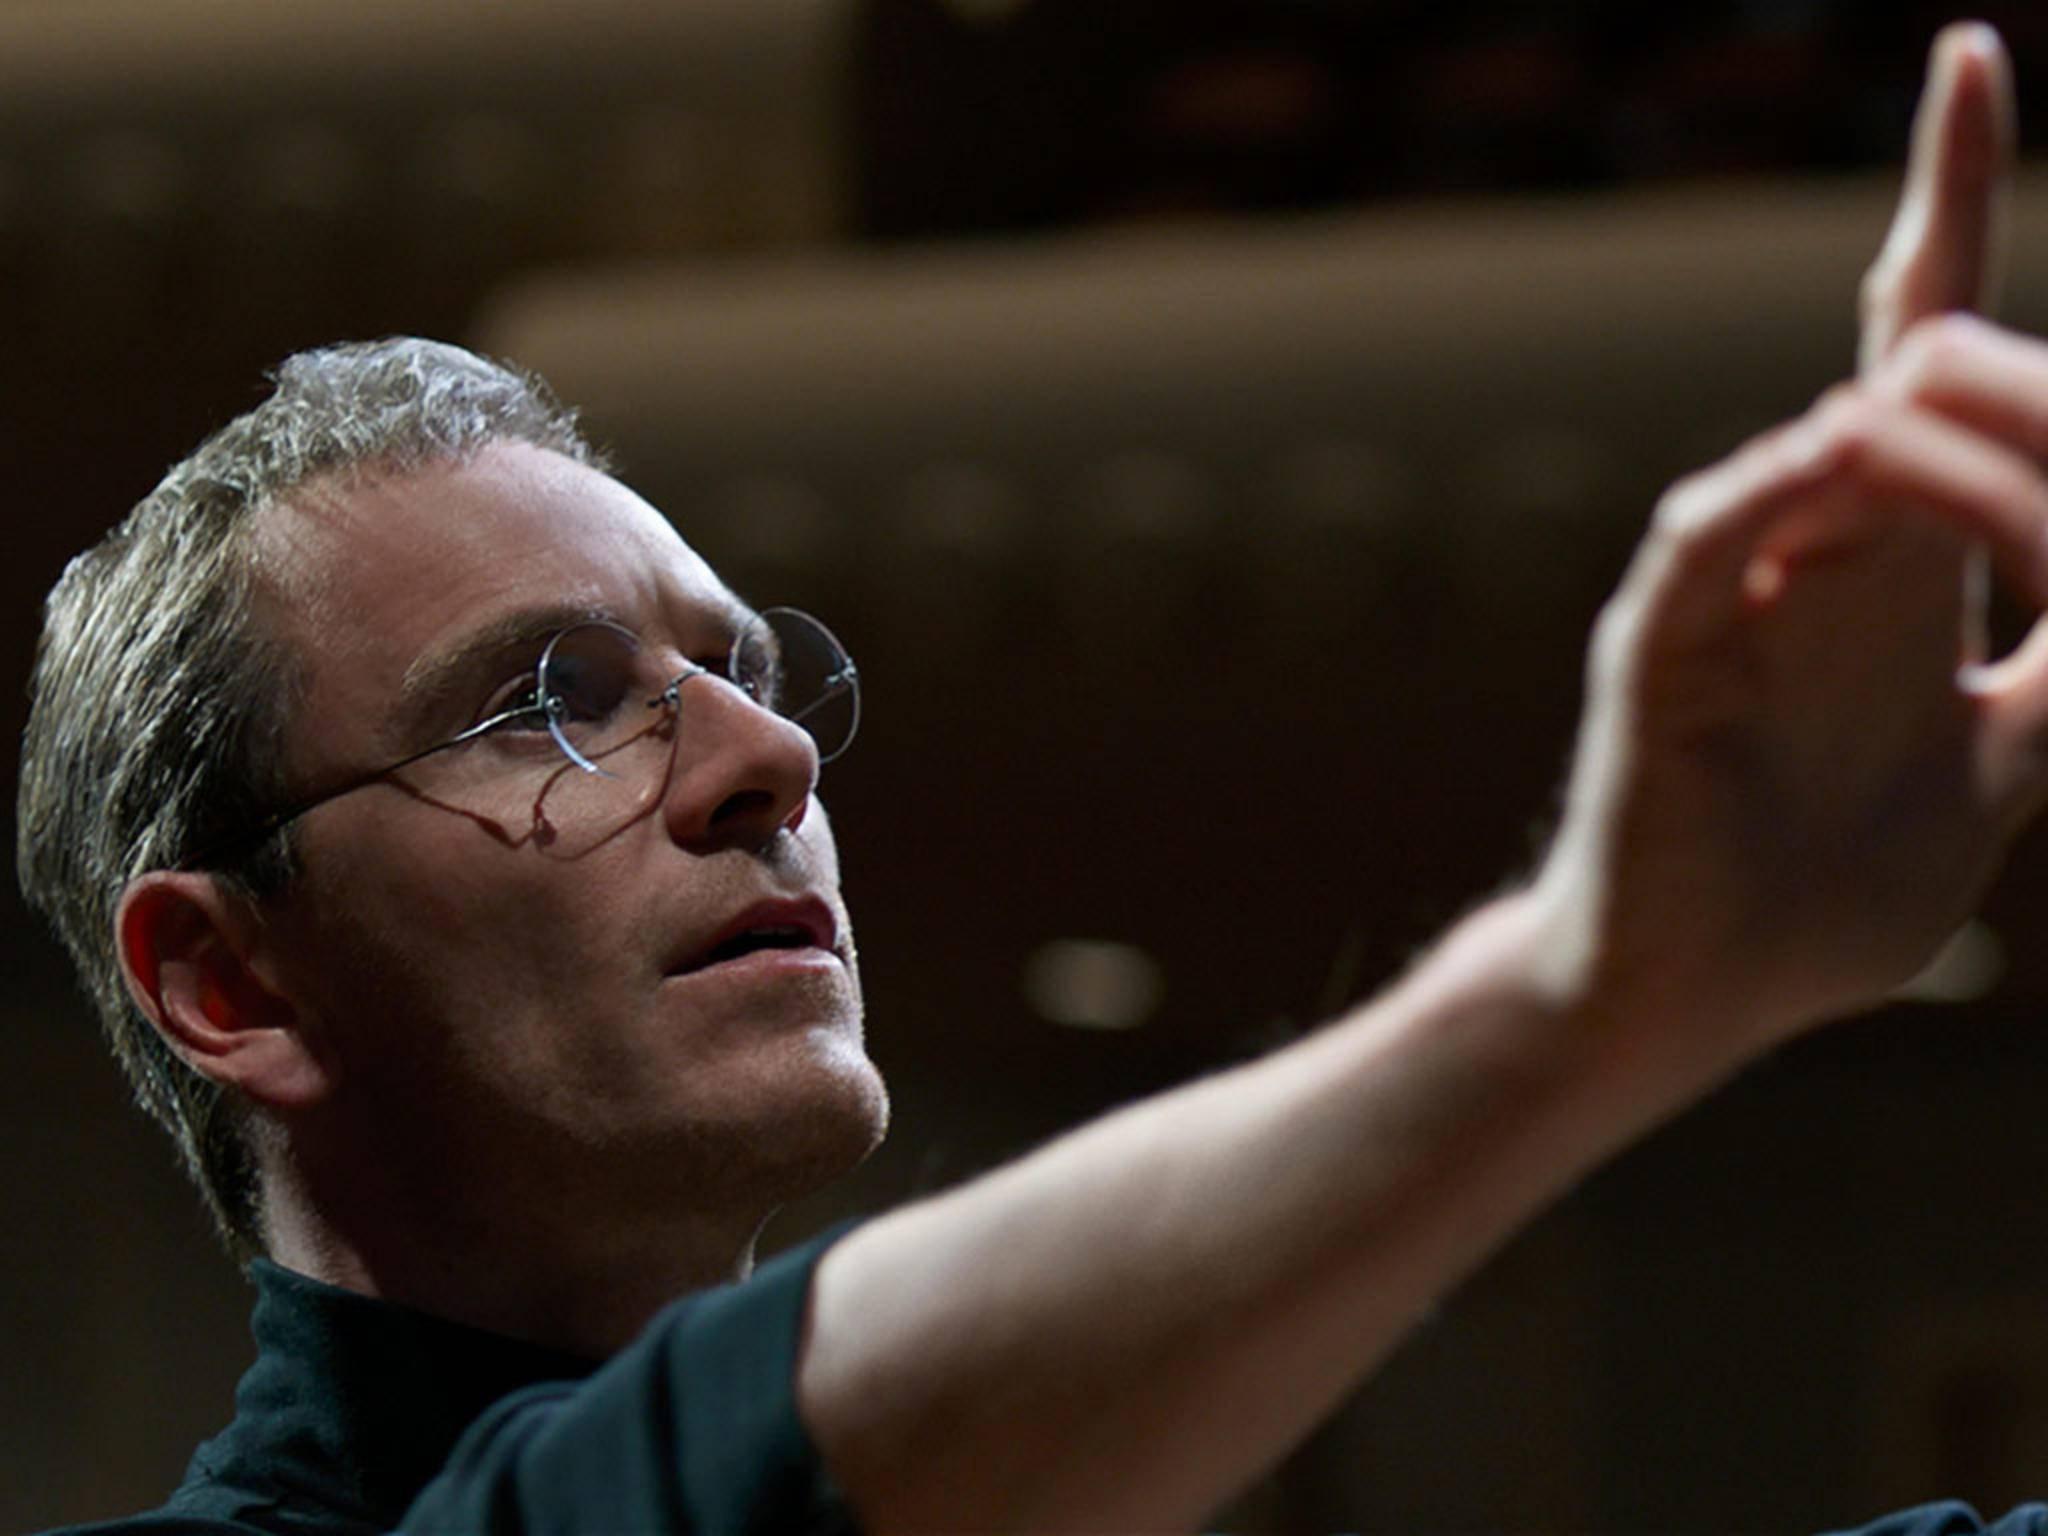 Steve Jobs: Ein Visionär mit menschlichen Schwächen?